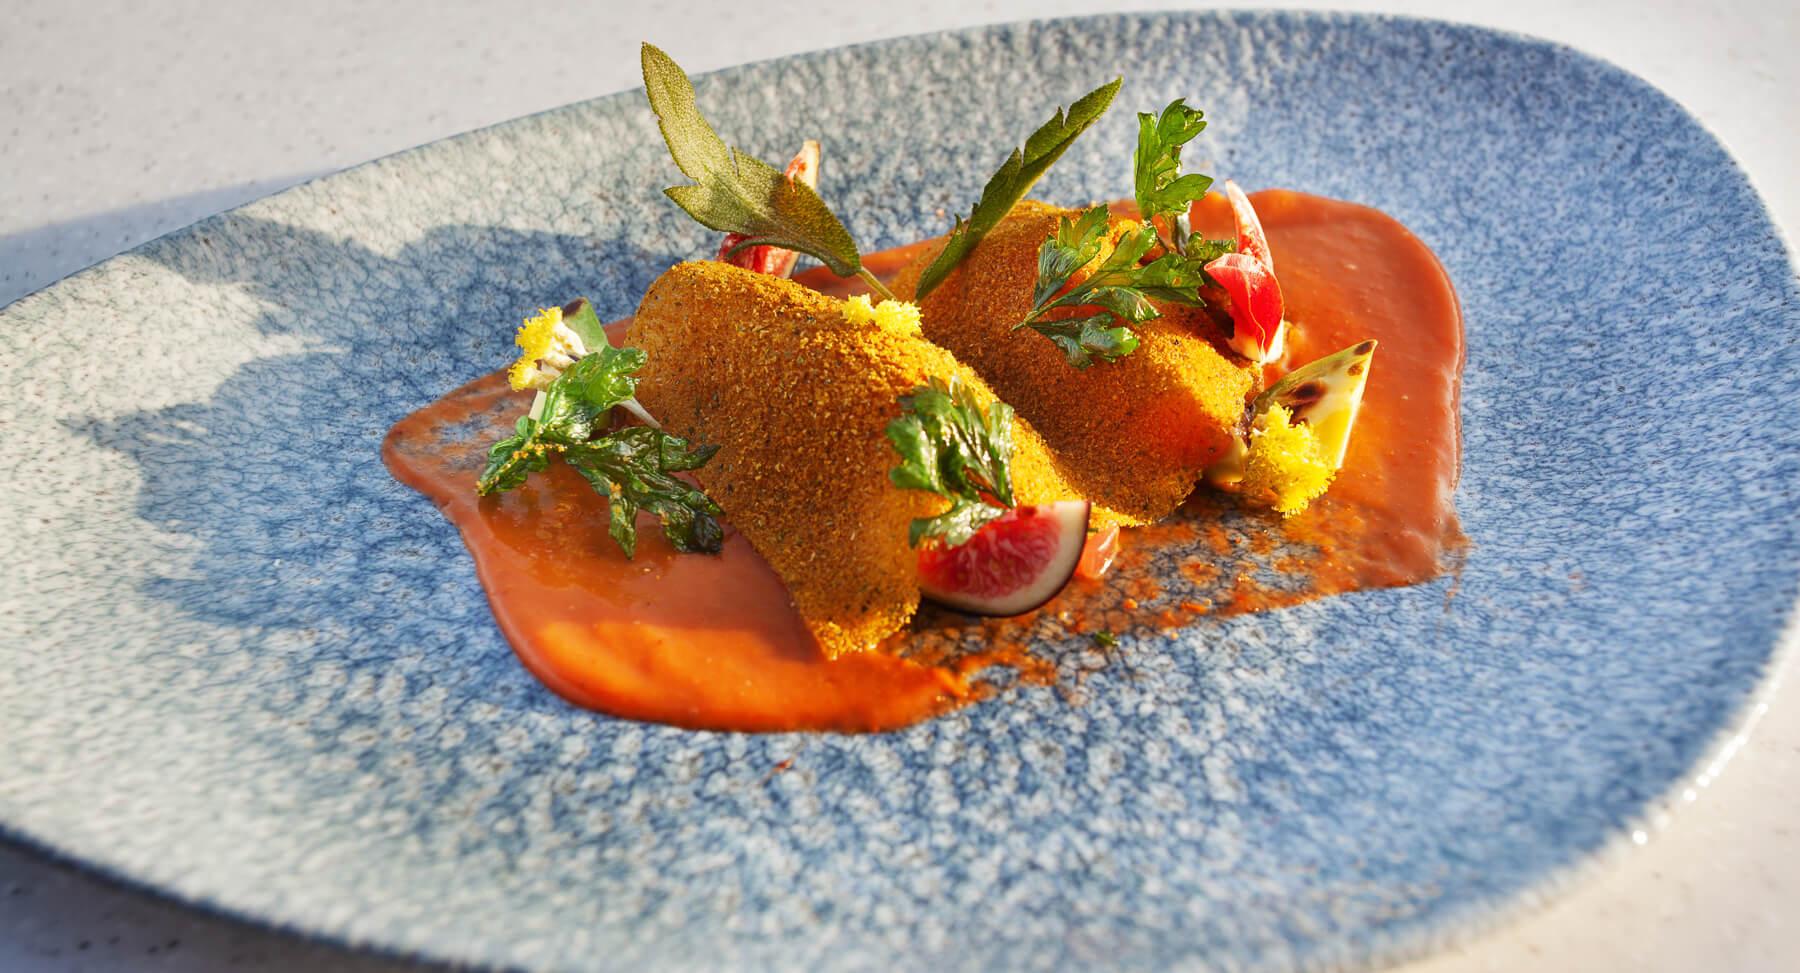 Plat du Restaurant Bistronomique Franco-Brésilien à Vauvenargues de l'Hôtel Sainte Victoire